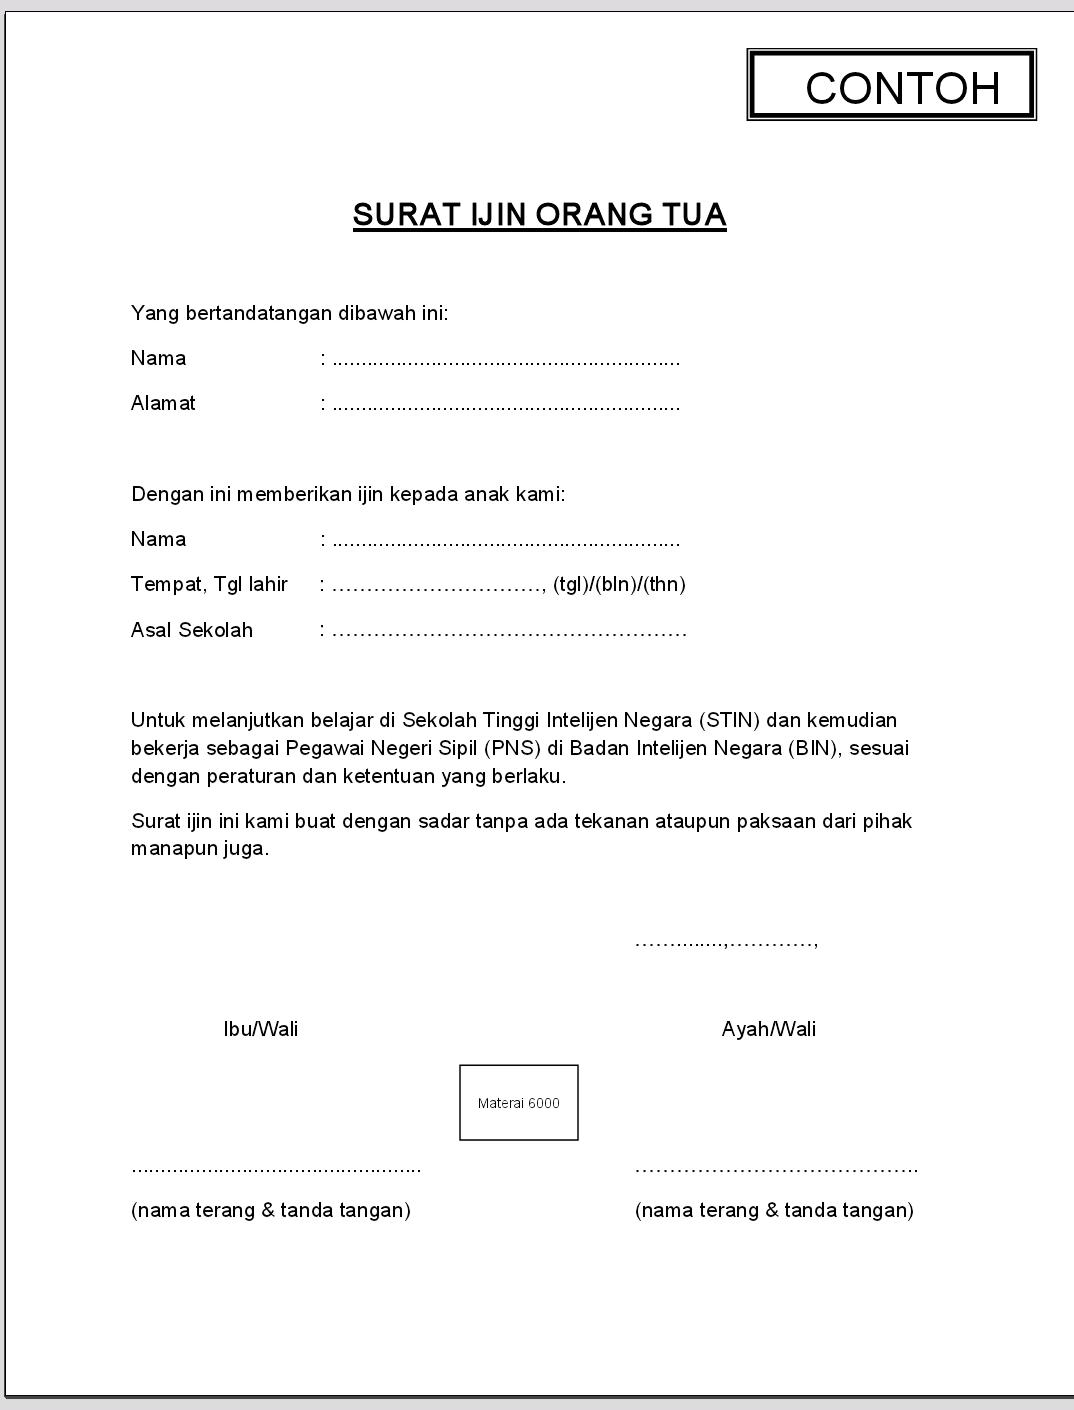 Contoh Essay Untuk Kuliah Di Luar Negeri Seamo Official Org